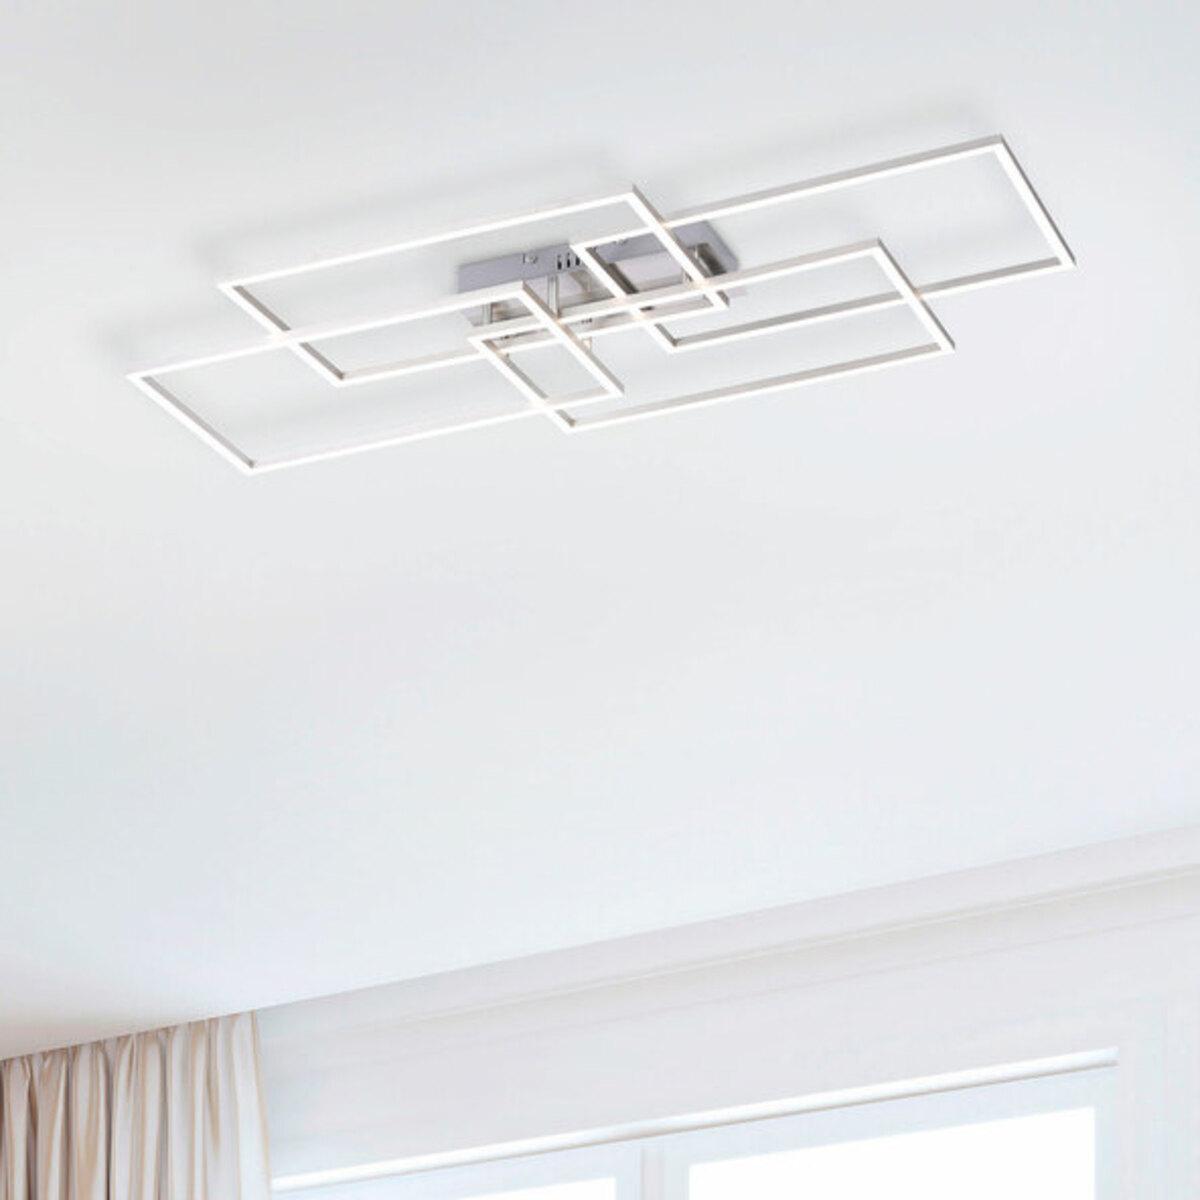 Bild 1 von LED-Deckenleuchte Leuchten Direkt Iven 2.0